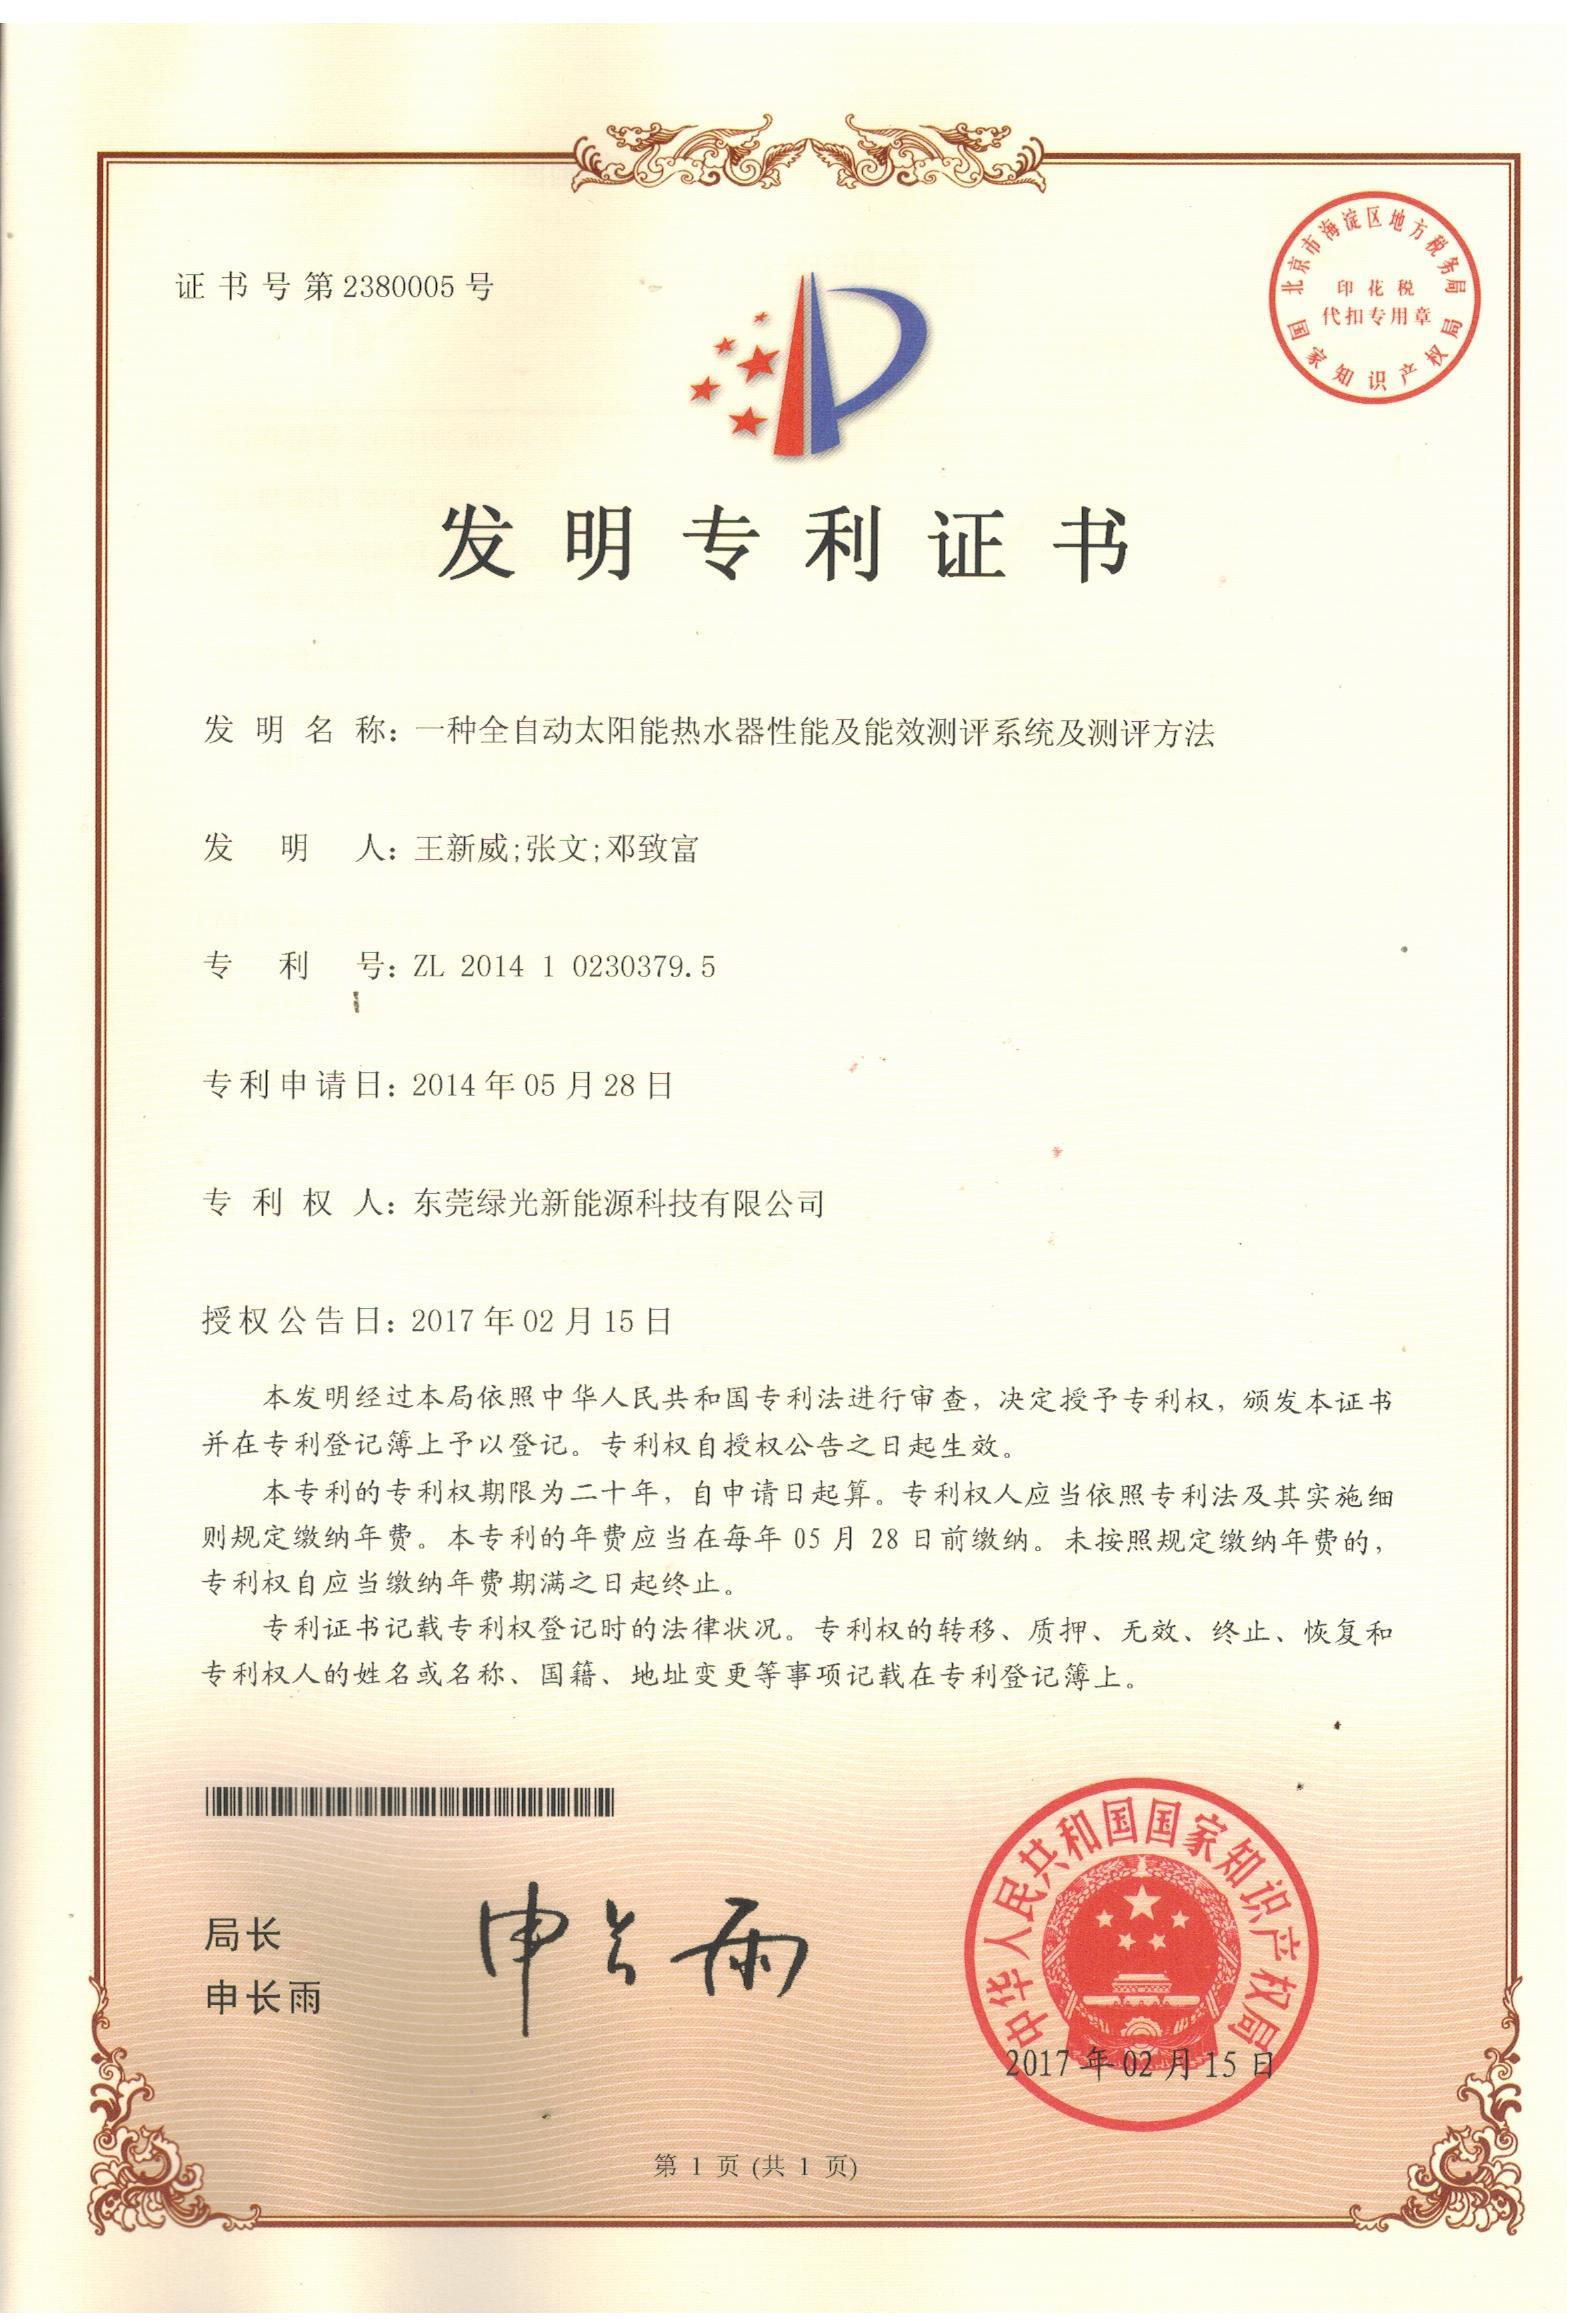 太阳neng热性nengce评zhuan利zheng